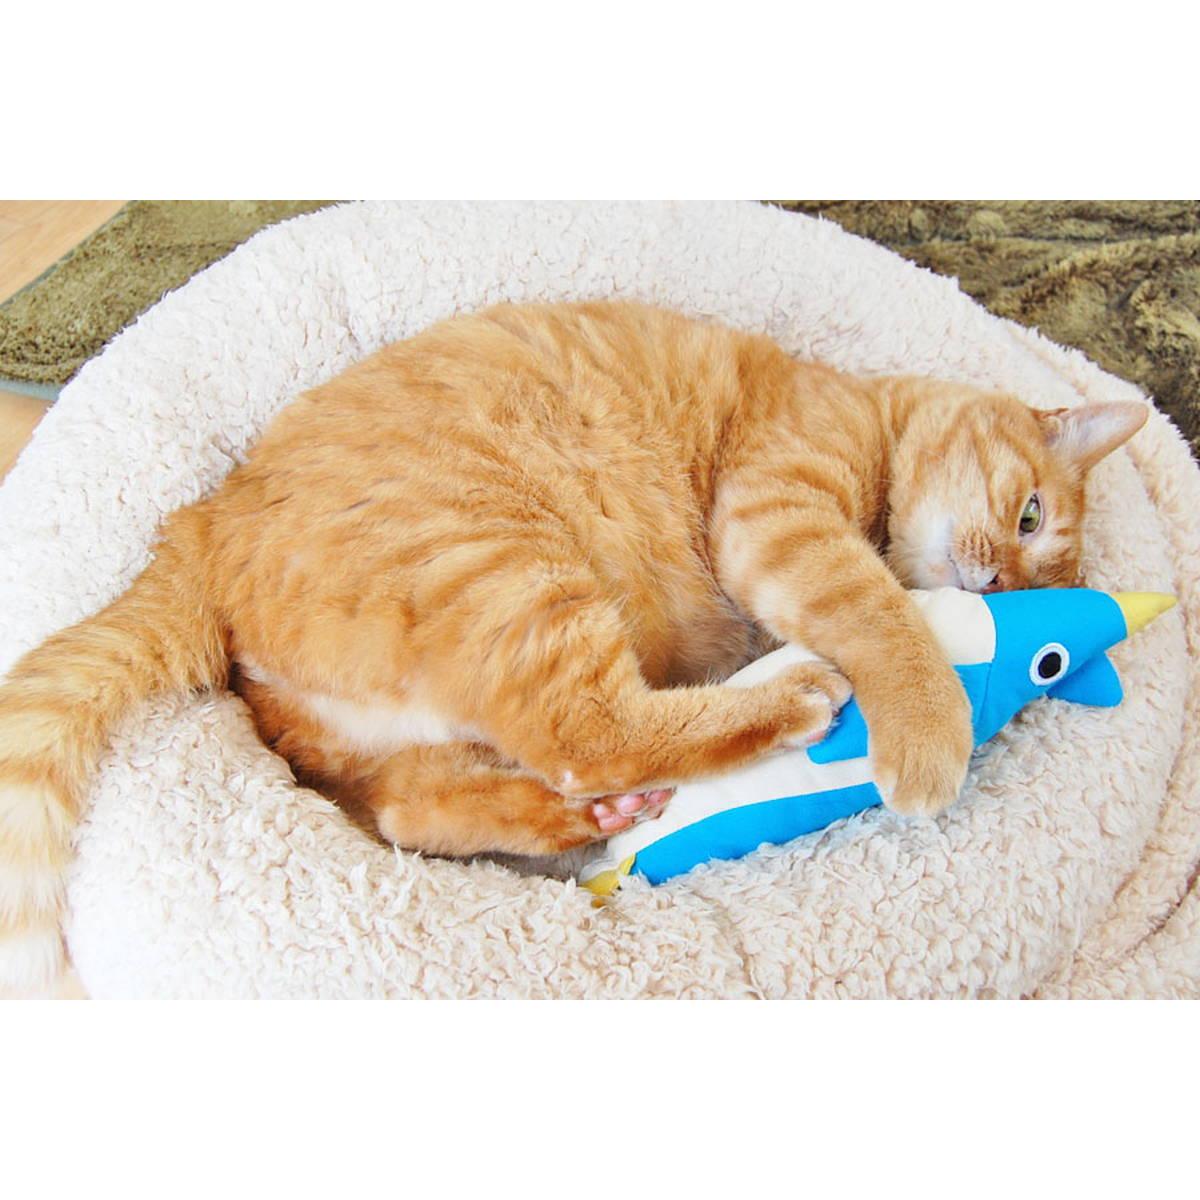 猫が喜ぶおもちゃはこれ! 試してわかった傑作猫用グッズ20選【猫を愛するすべての人へ】